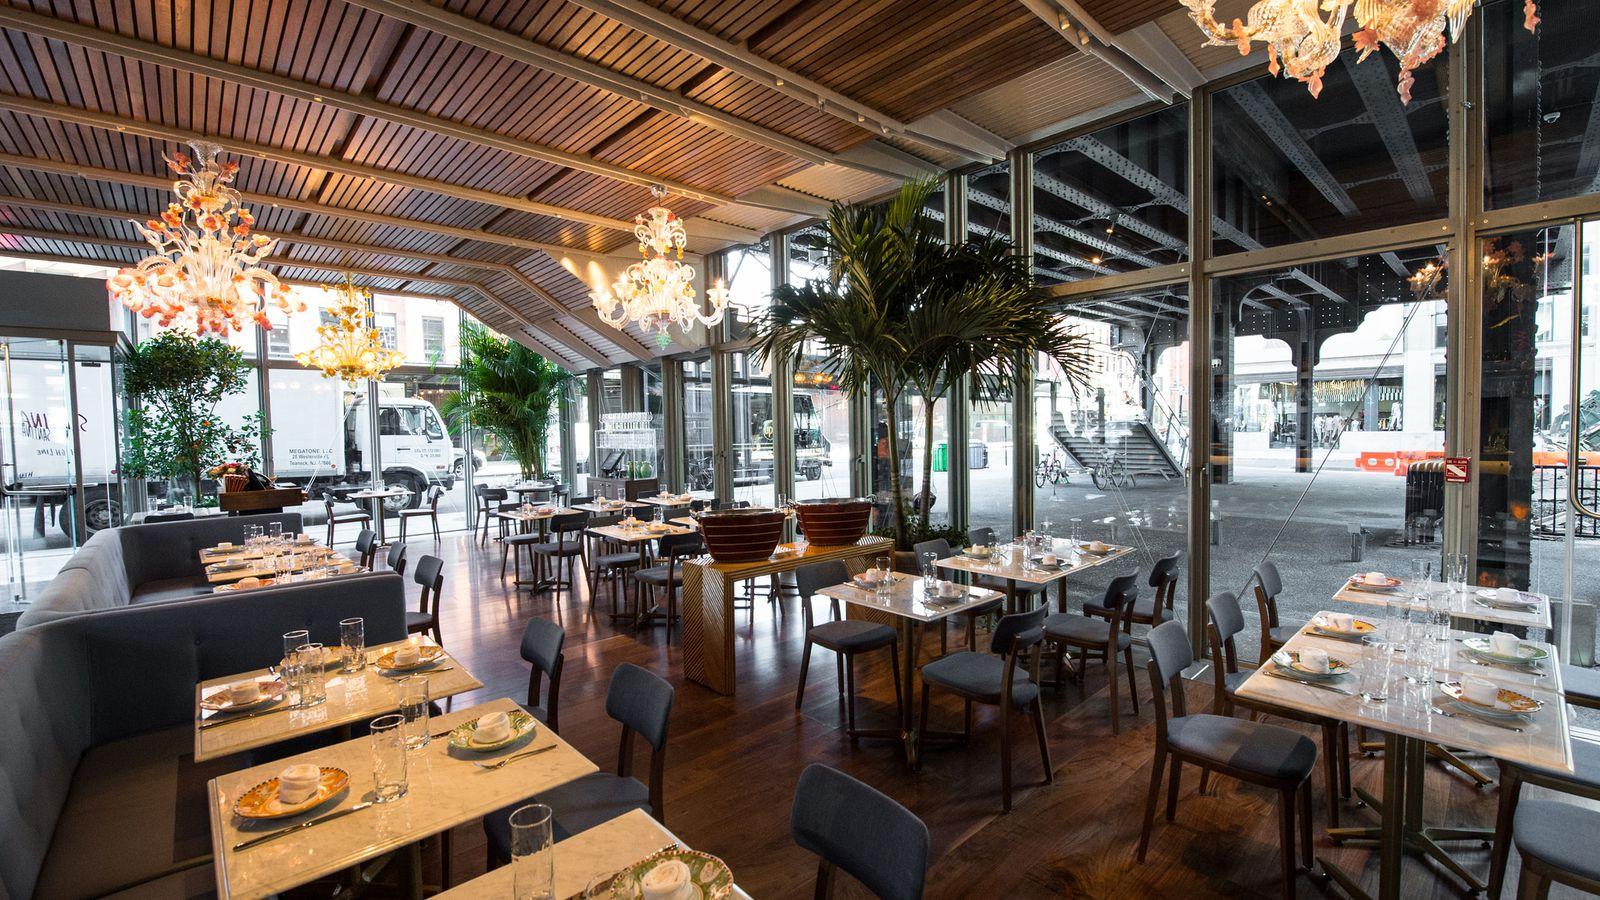 Best Italian Restaurant South Denver